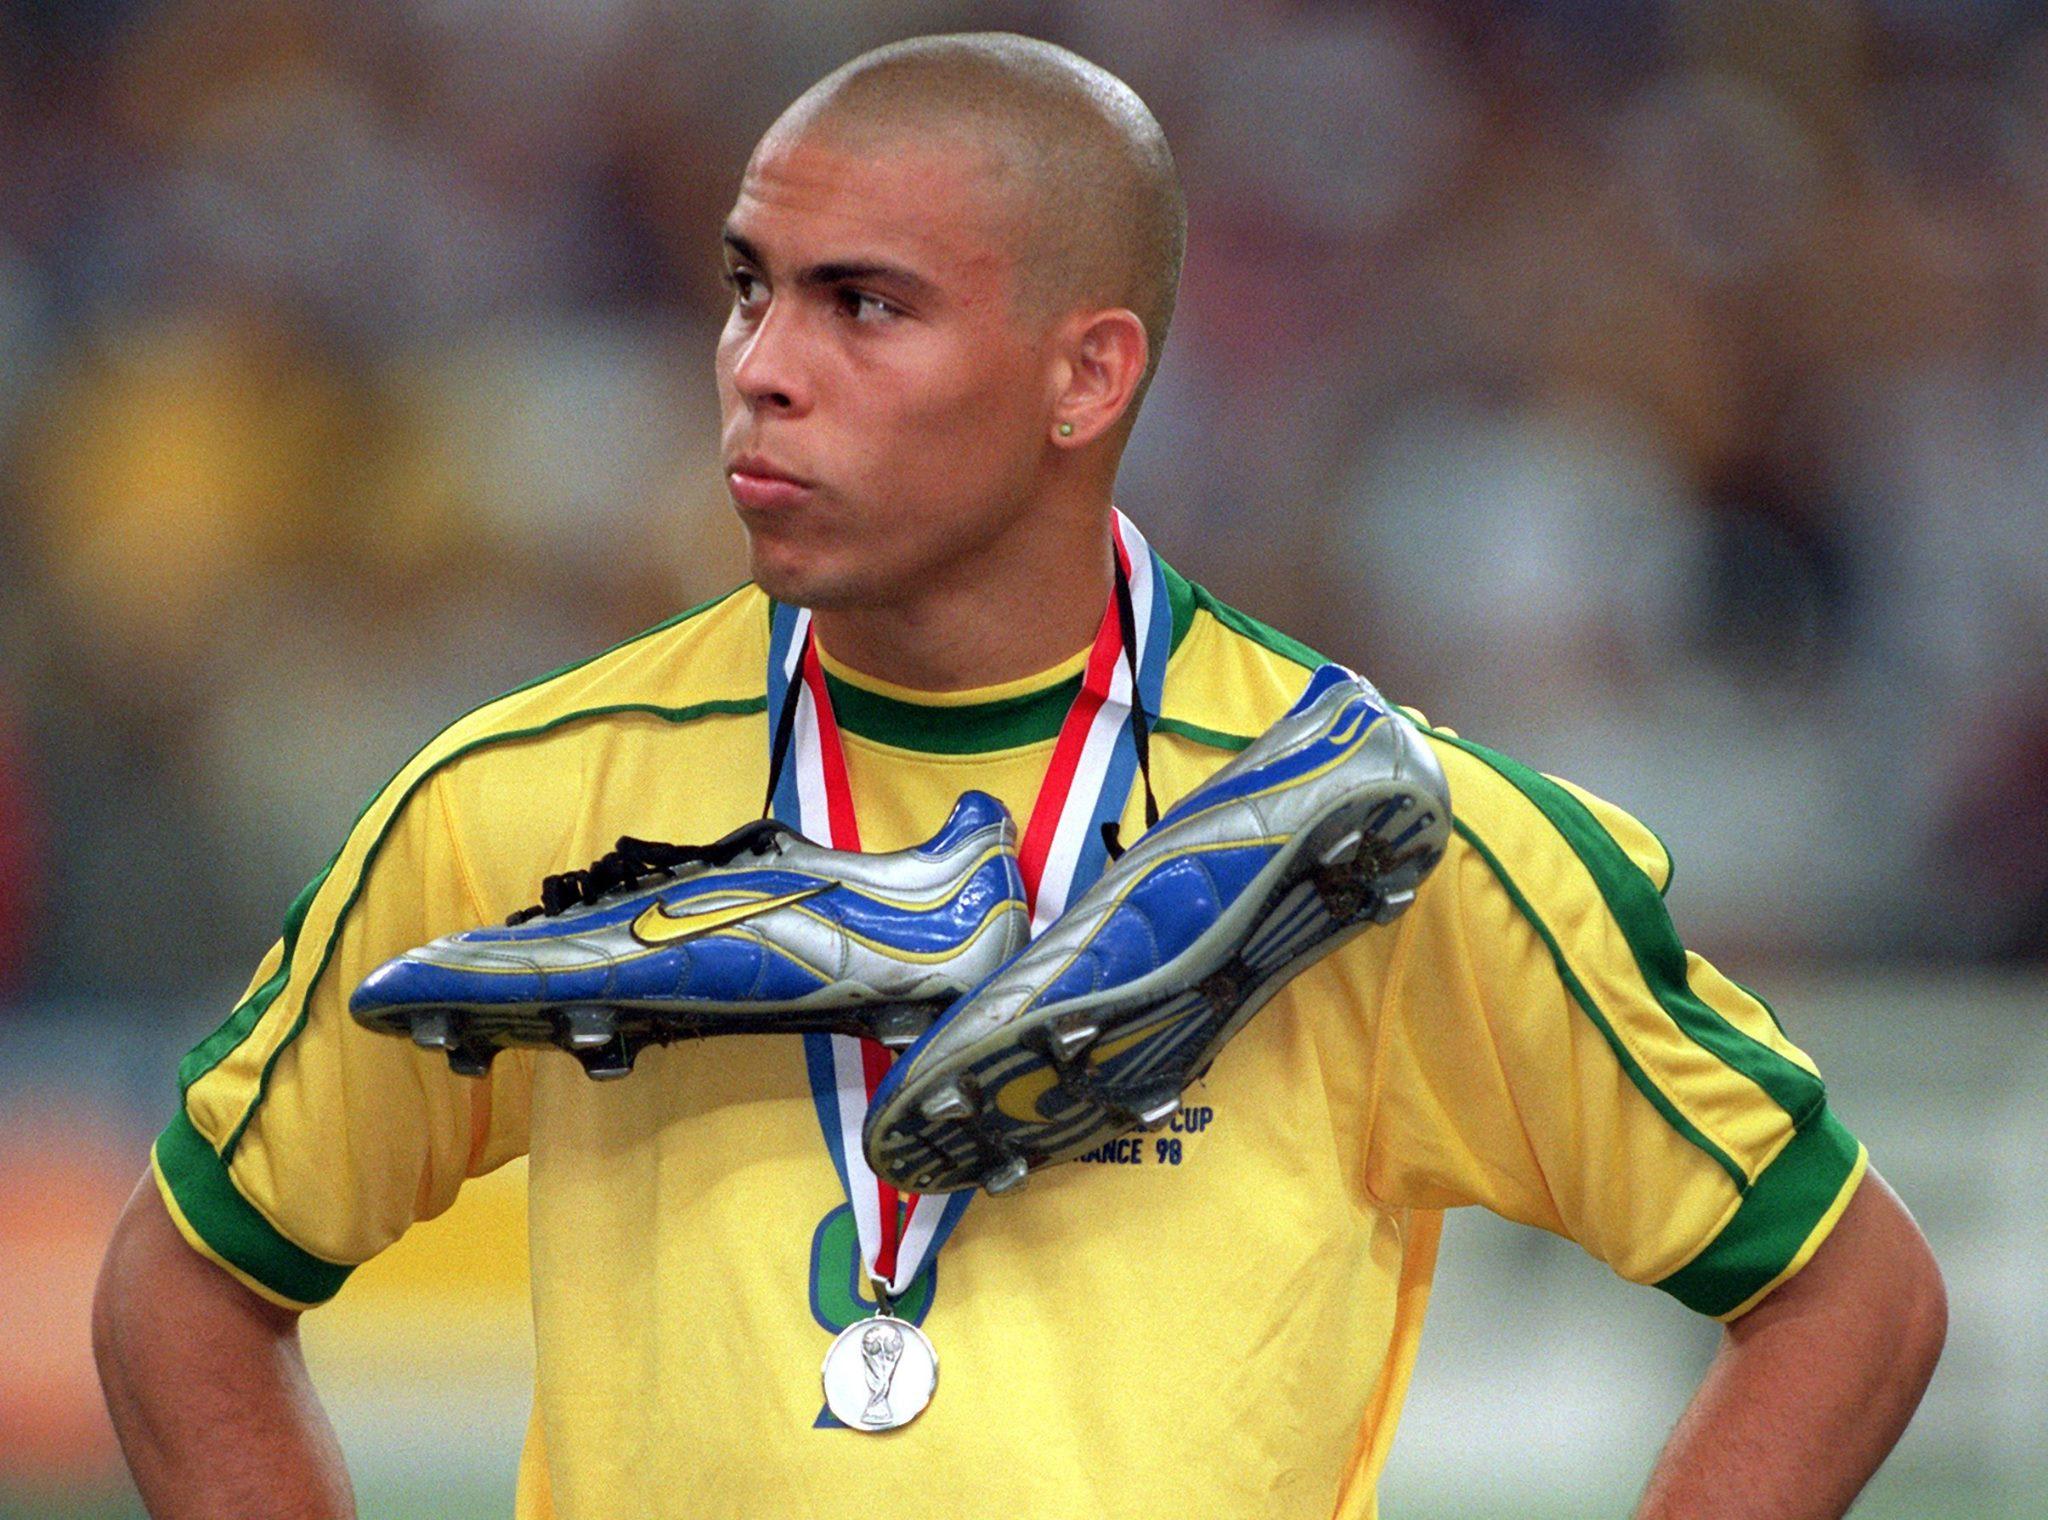 Ο Ronaldo με τα χρώματα της Βραζιλίας